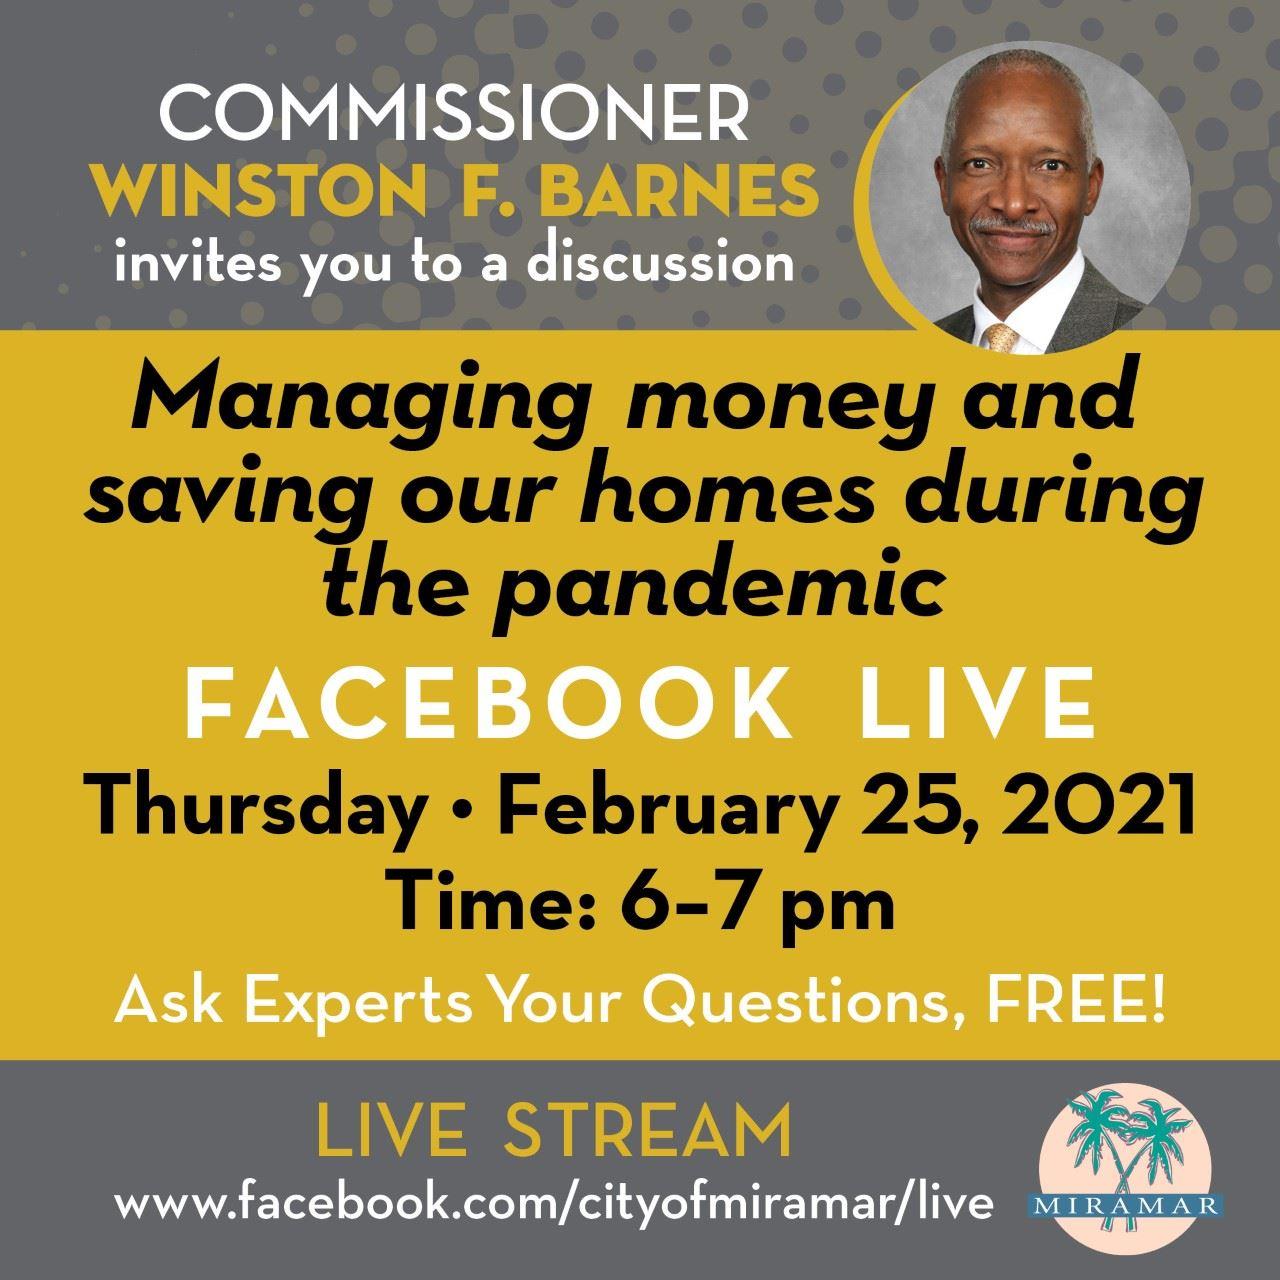 Commissioner Barnes Managing Money Facebook Live - Flyer